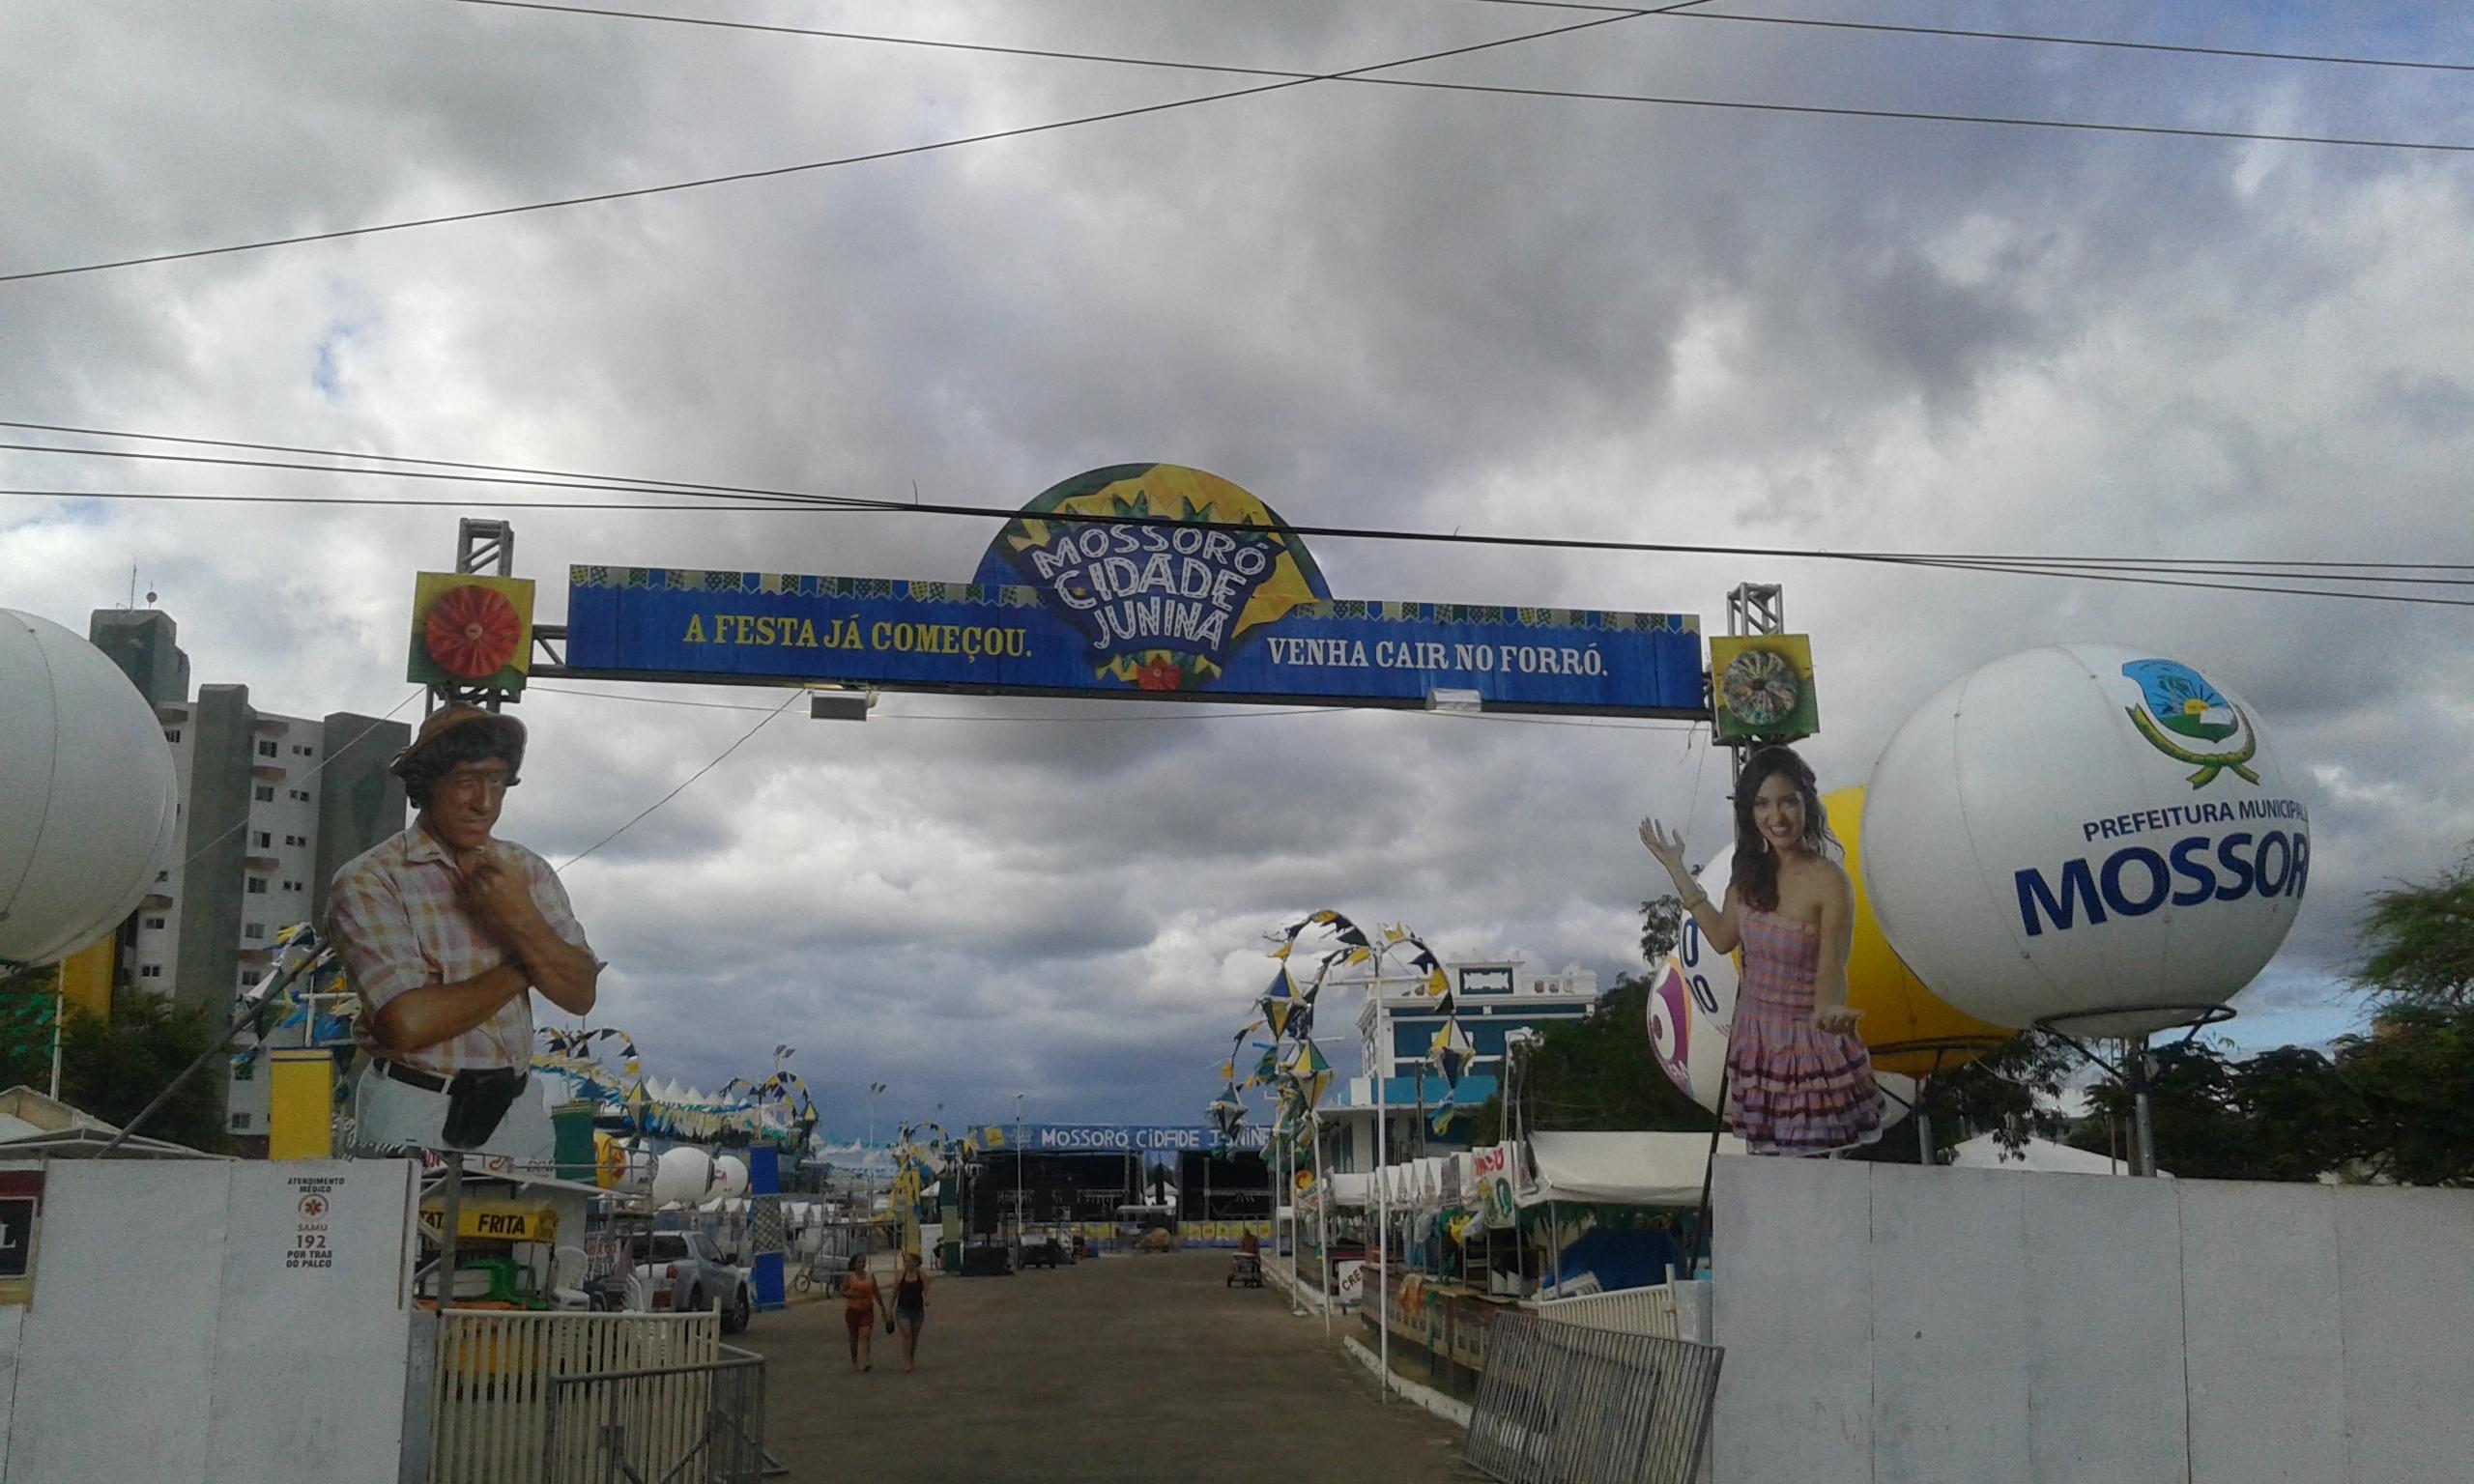 L'espace de la Fête Junina de Mossoró,dans la station des arts, était aussi vide avant le match de foot Brésil - Cameroun. (Crédit photo: Fabio Santana).